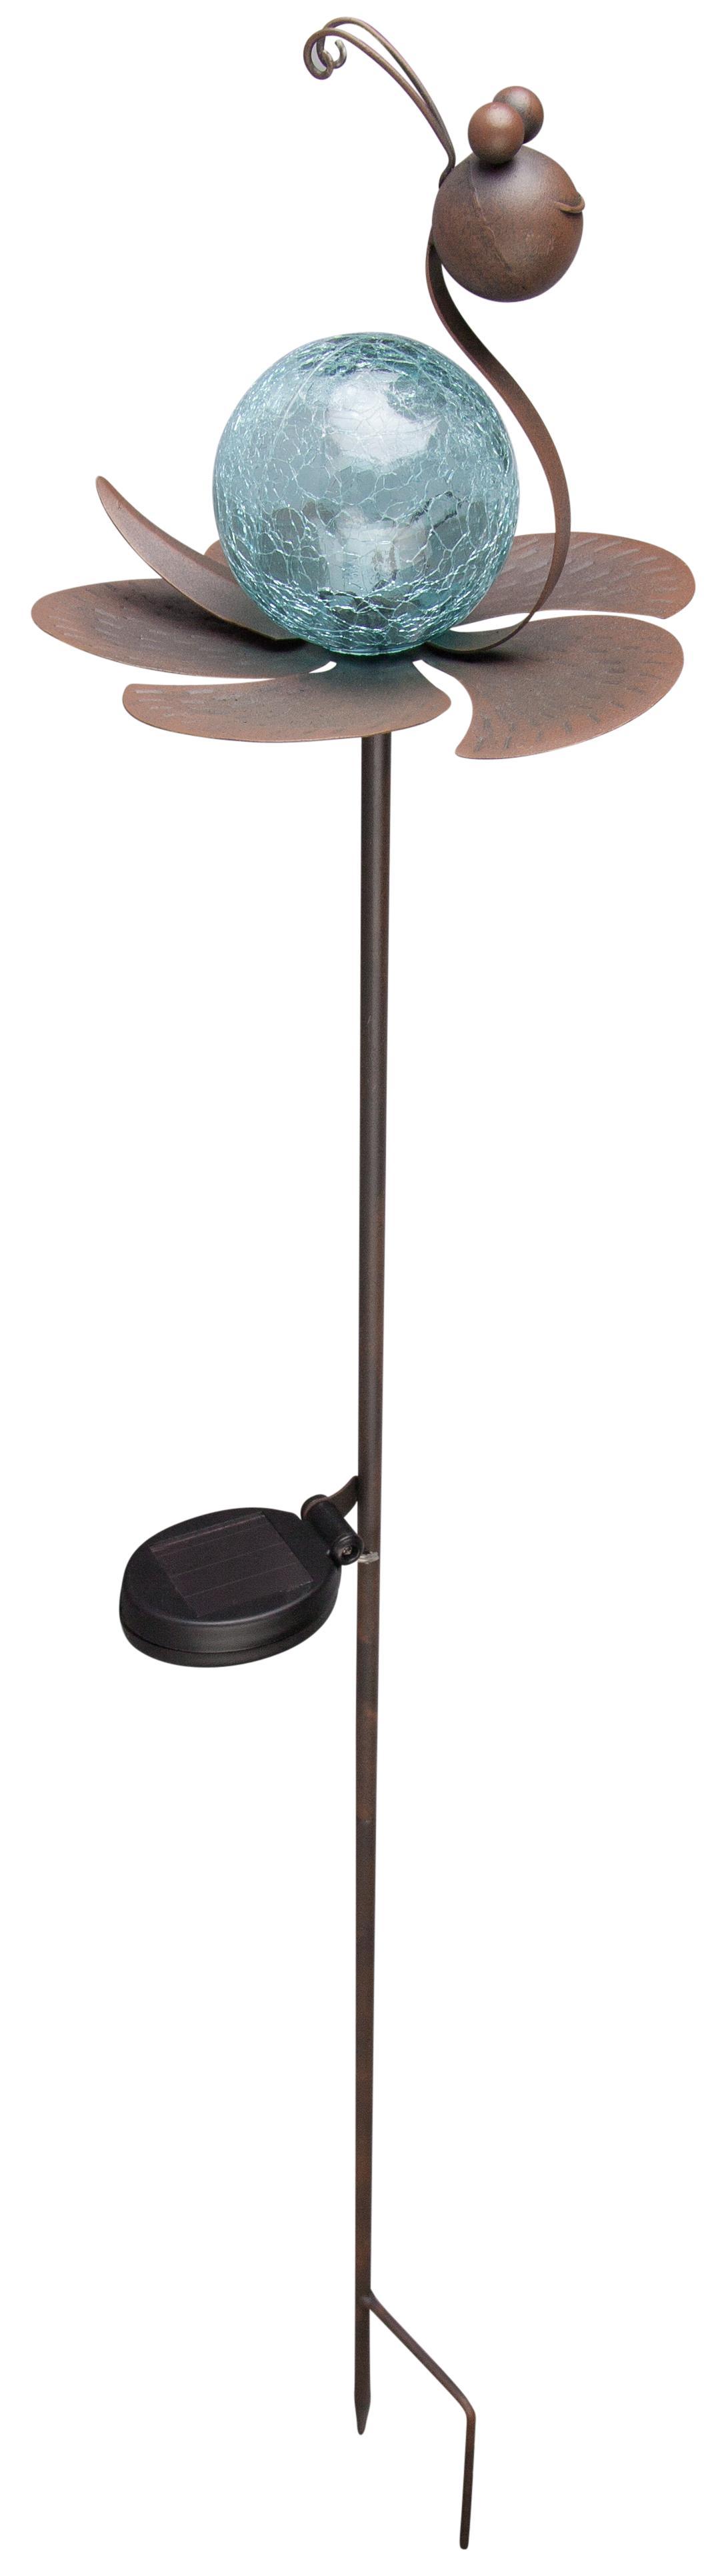 pflanzenstecker mit solarlampe schnecke 1 st ck g nstig online kaufen. Black Bedroom Furniture Sets. Home Design Ideas